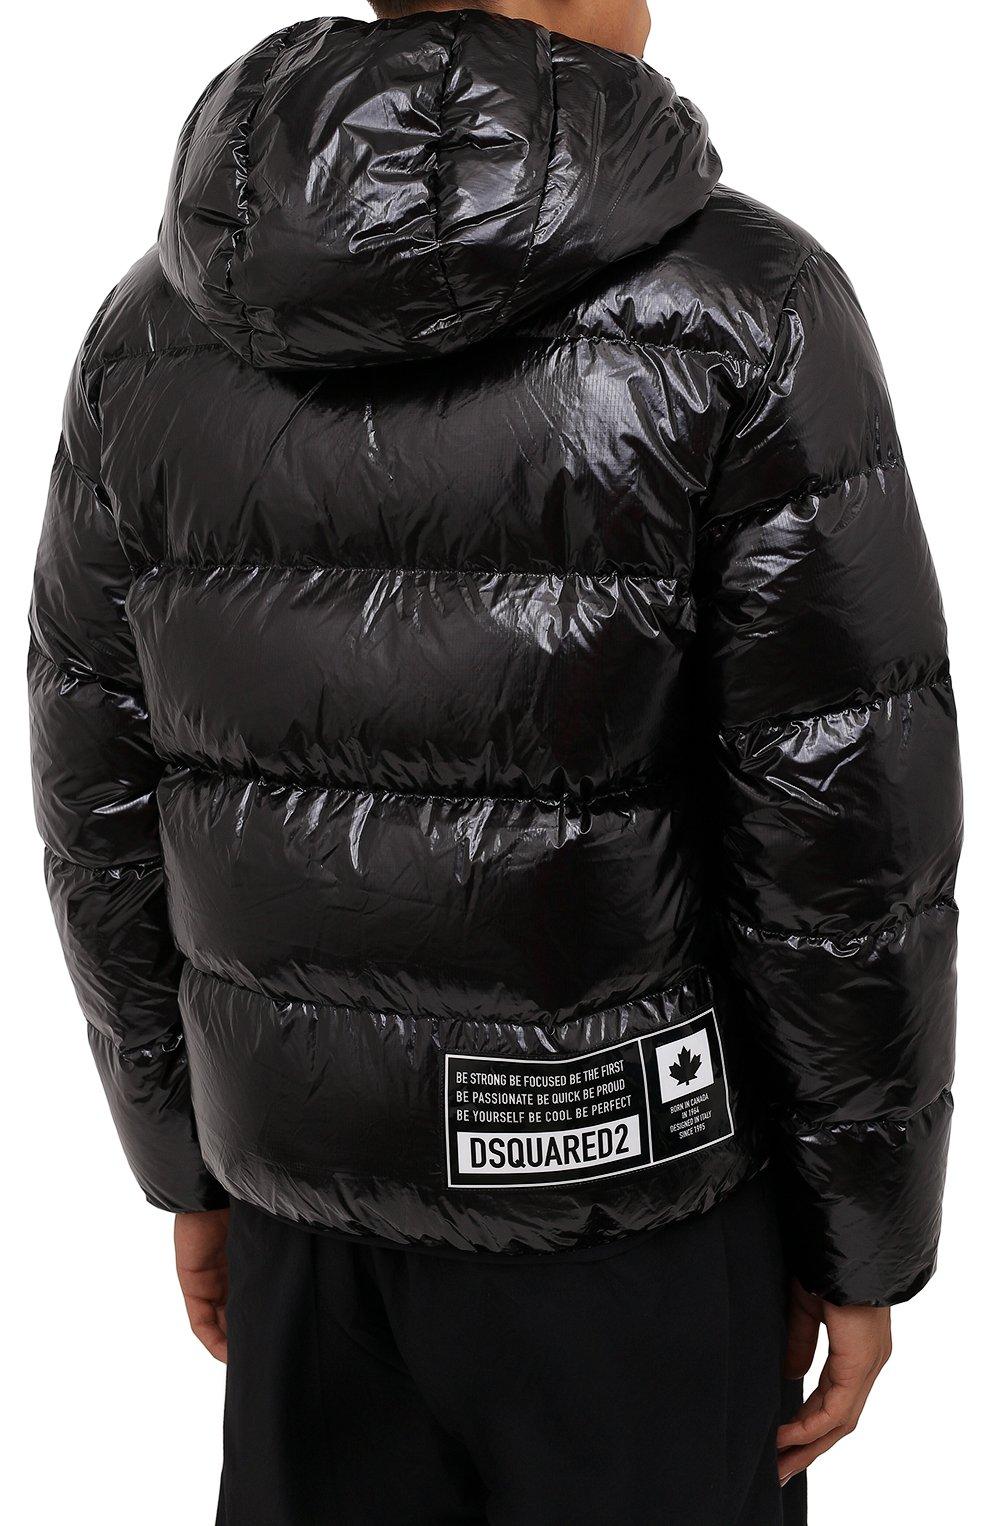 Мужская пуховая куртка DSQUARED2 черного цвета, арт. S74AM1201/S54056 | Фото 4 (Кросс-КТ: Куртка; Мужское Кросс-КТ: пуховик-короткий; Рукава: Длинные; Материал внешний: Синтетический материал; Стили: Гранж; Материал подклада: Синтетический материал; Длина (верхняя одежда): Короткие; Материал утеплителя: Пух и перо)